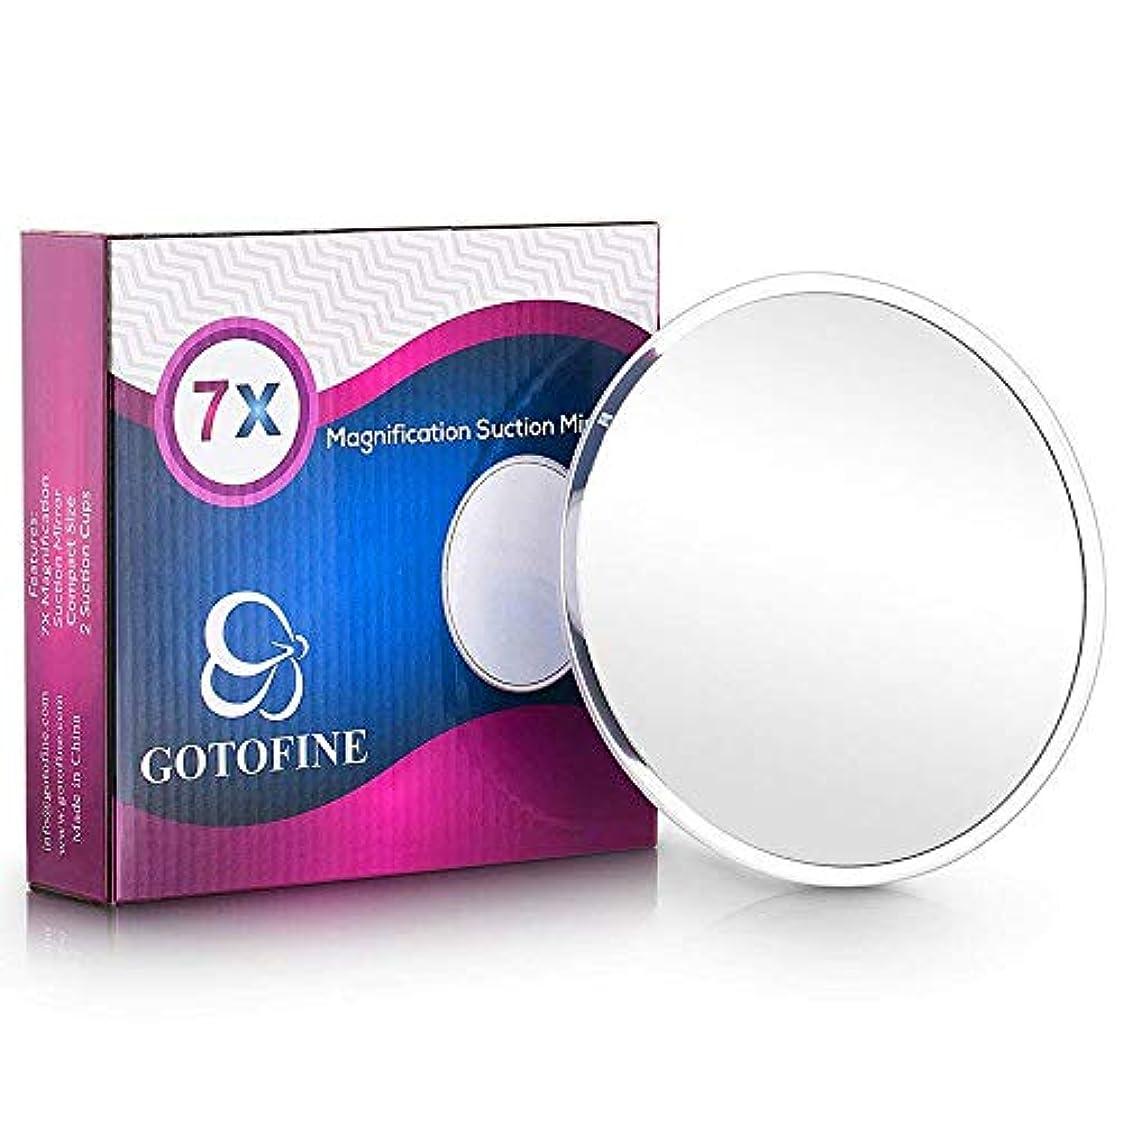 パークインシュレータアレイGotofine 化粧鏡 7倍 メイクミラー 風呂鏡 吸盤付き 浴室鏡 化粧ミラー 女優ミラー 円形 壁掛け式 …